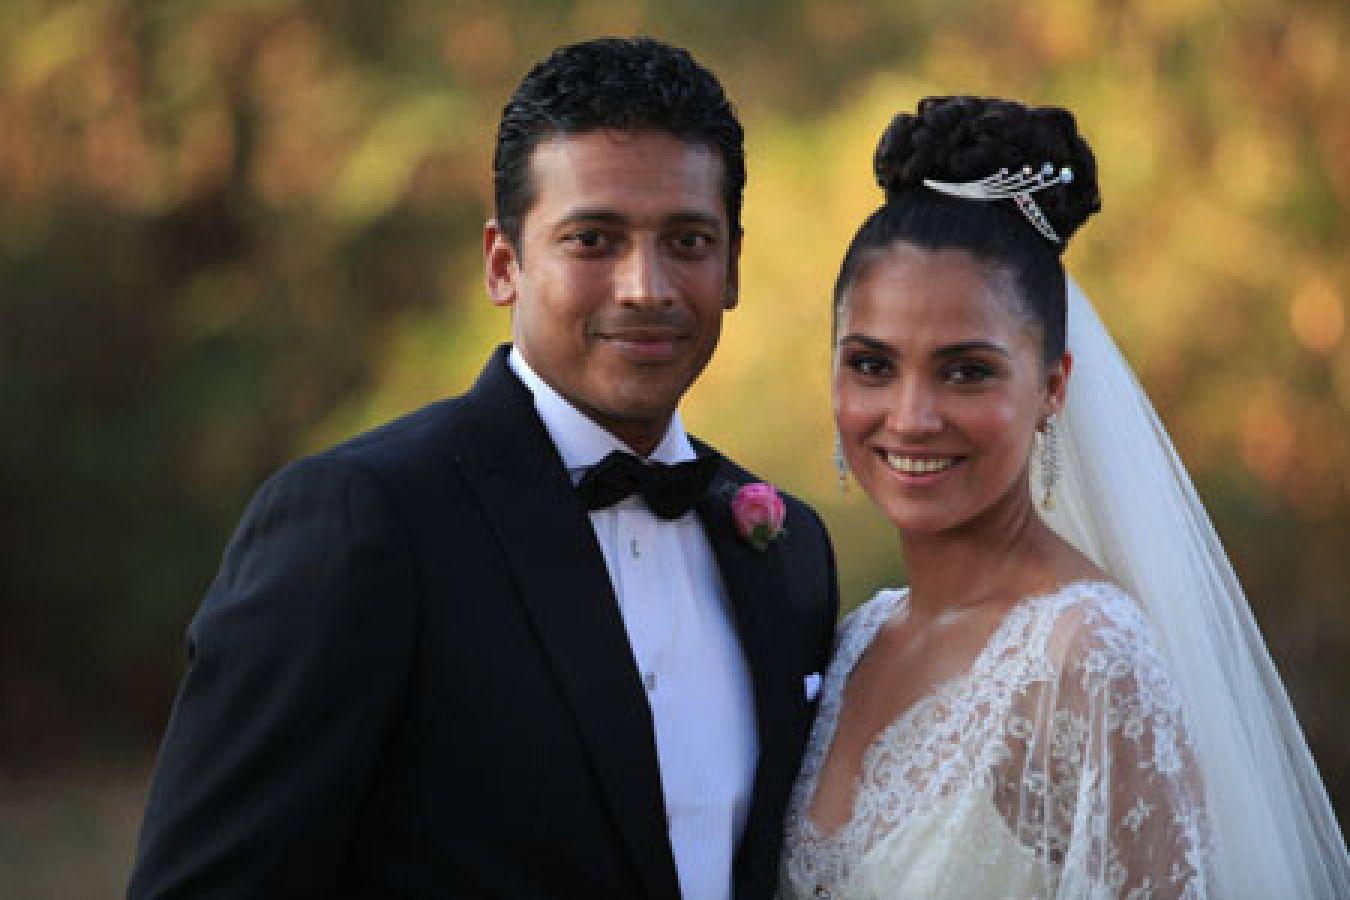 वर्षों तक रहा लारा का इस विदेशी अभिनेता से रिश्ता, फिर इस खिलाड़ी को बनाया जीवनसाथी